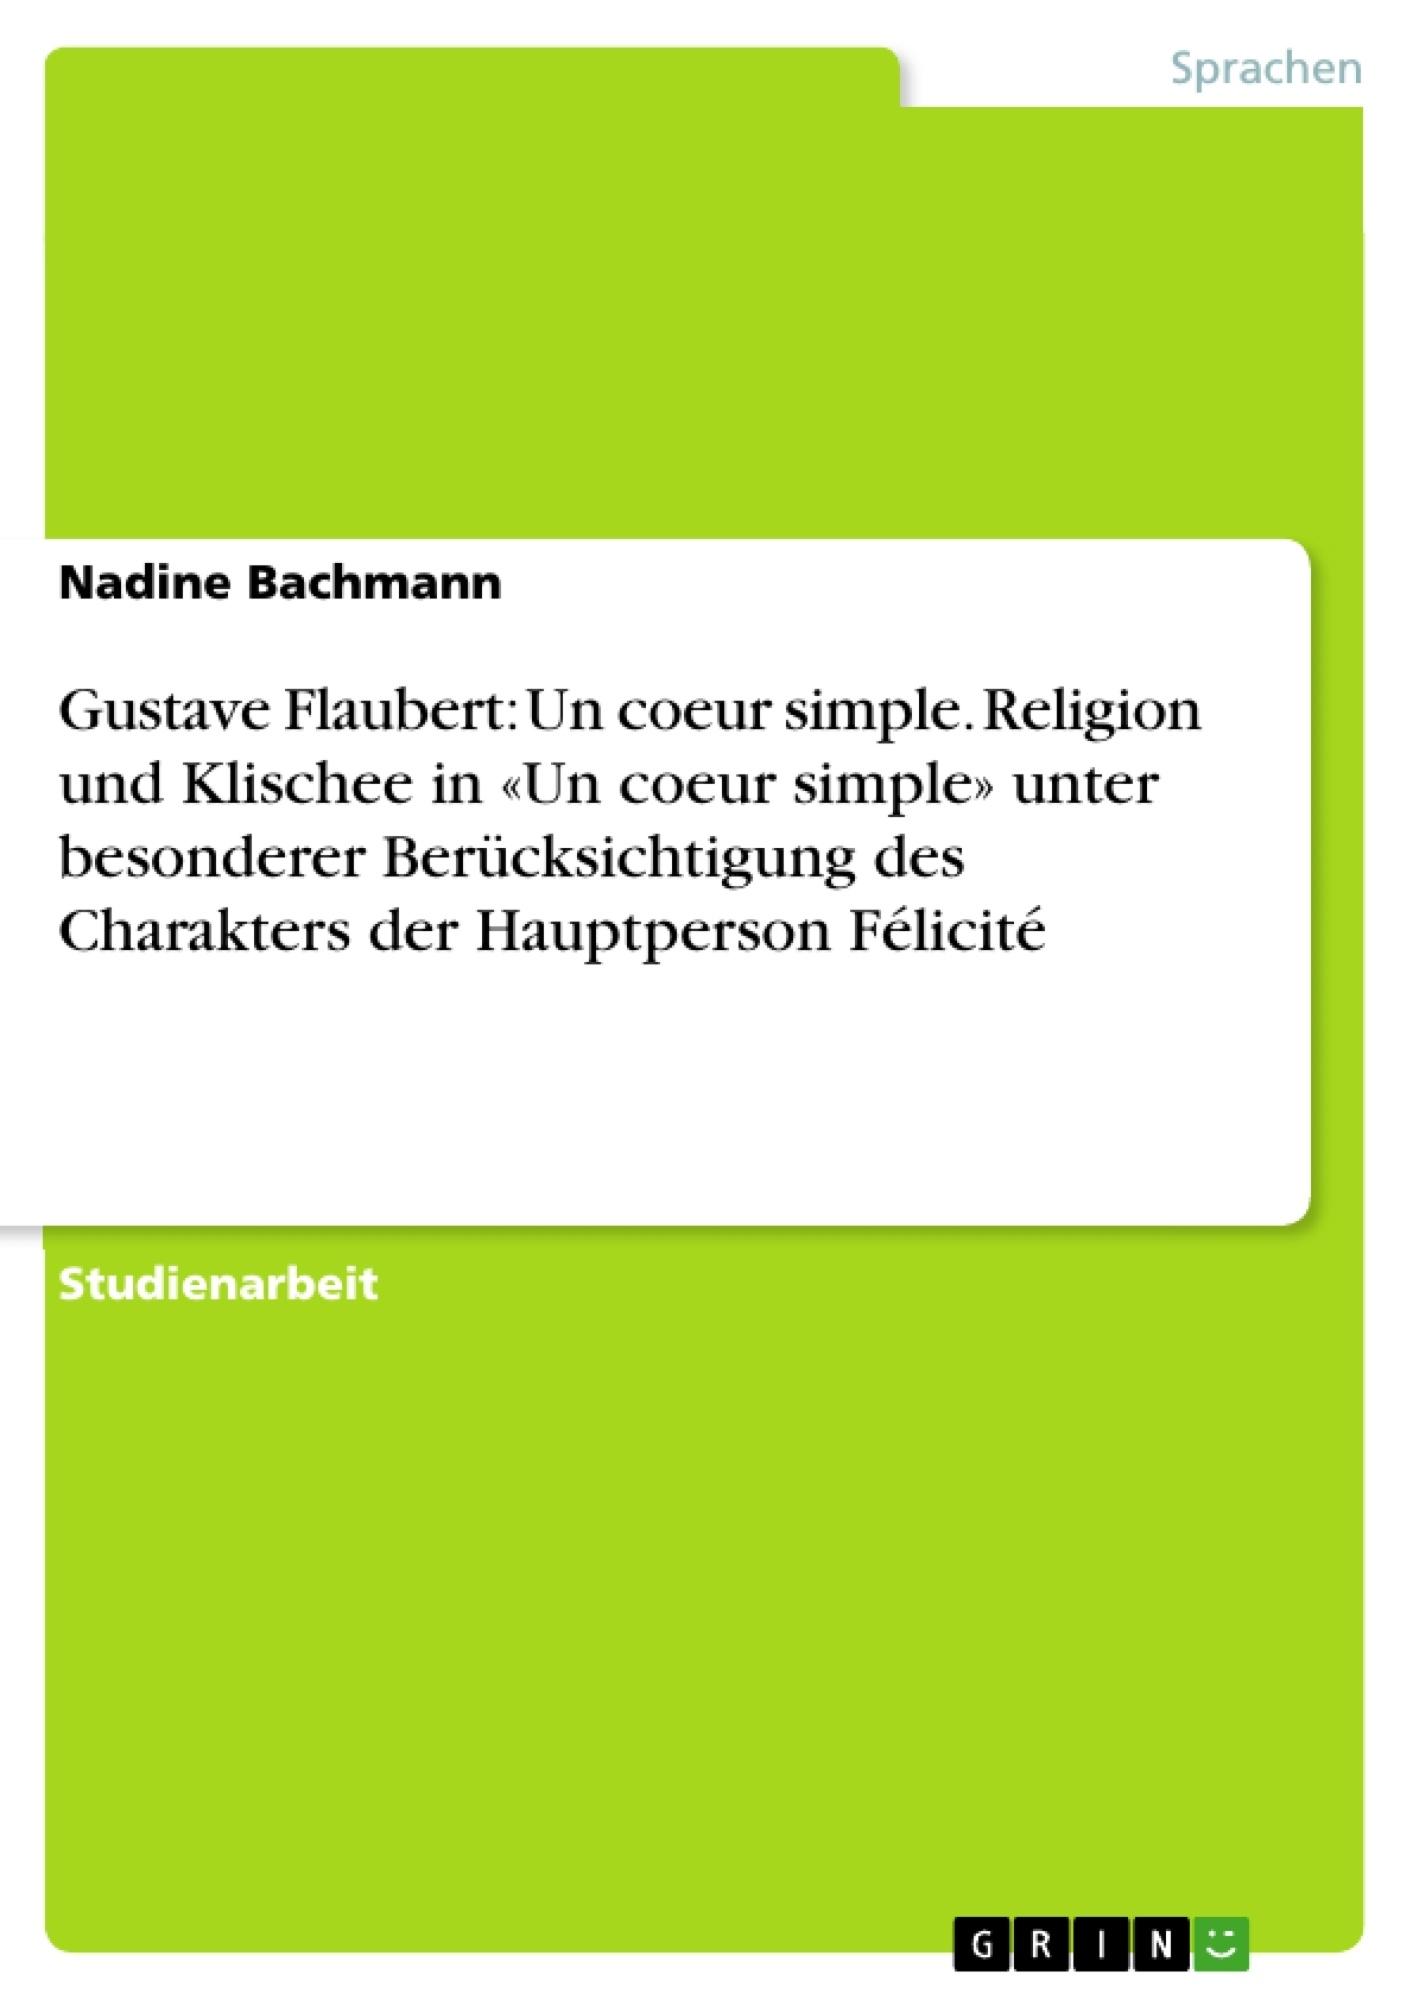 Titel: Gustave Flaubert: Un coeur simple. Religion und Klischee in «Un coeur simple» unter besonderer Berücksichtigung des Charakters der Hauptperson Félicité